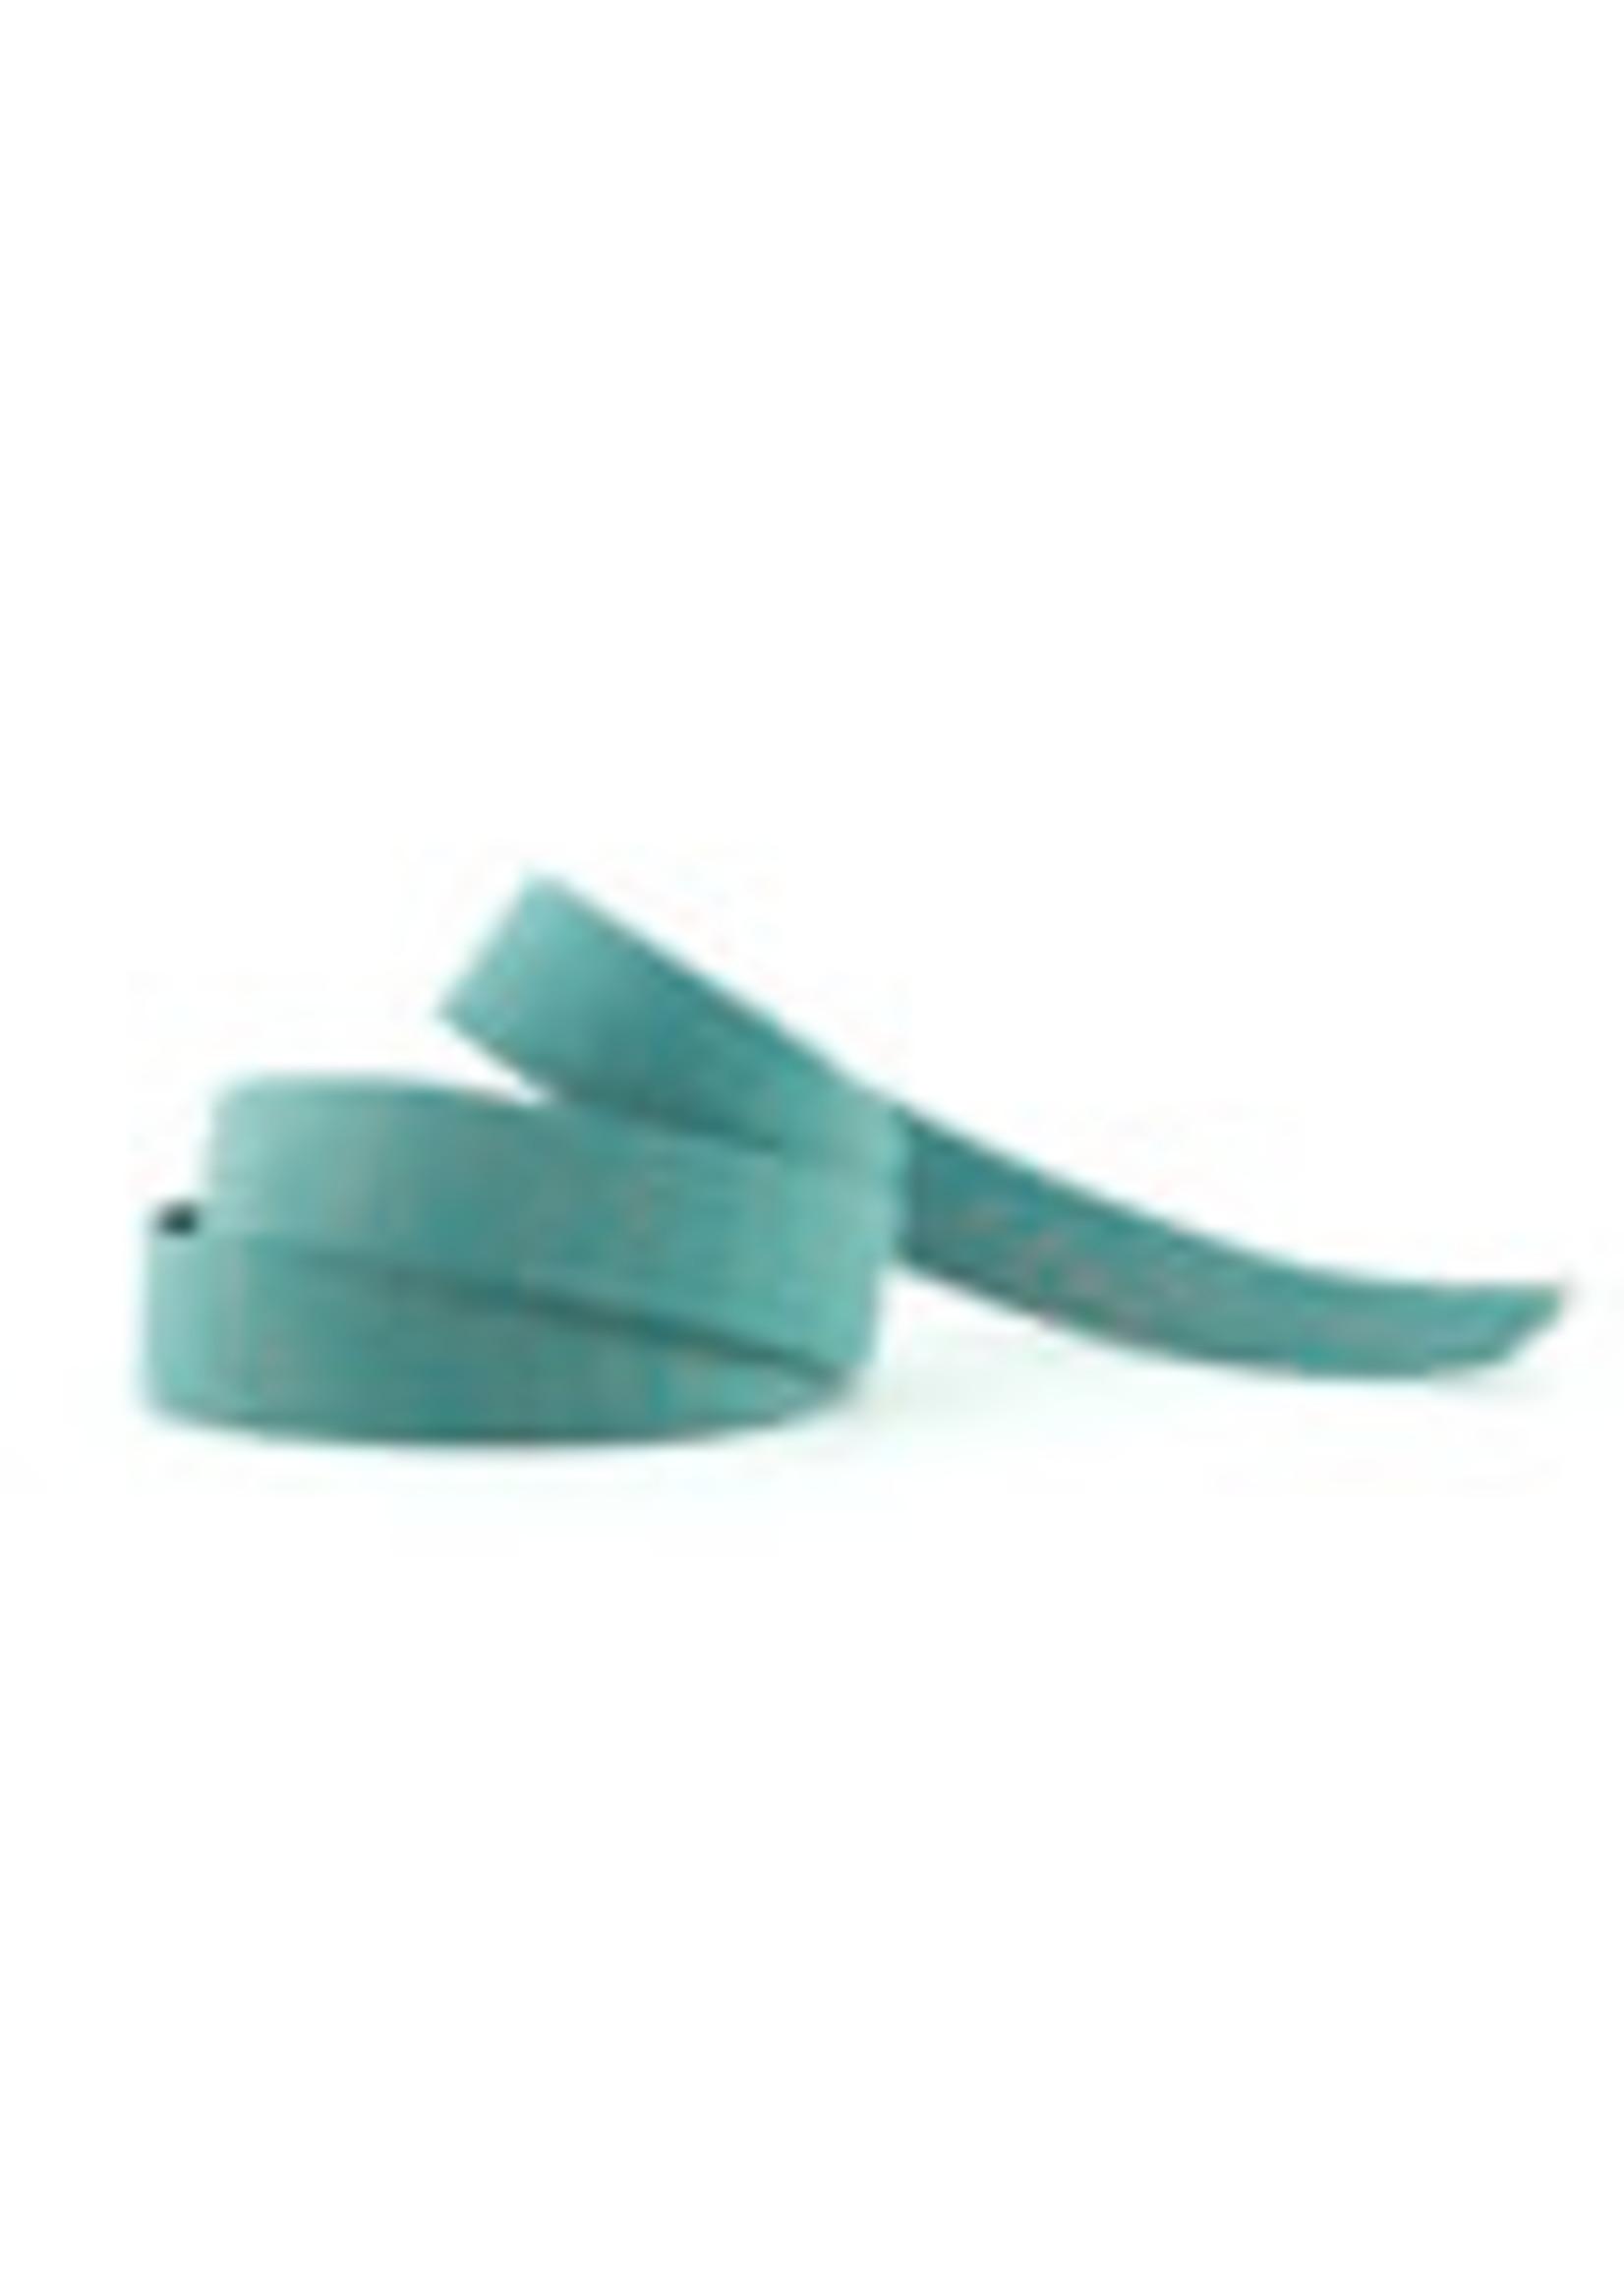 See You At Six Tassenband - Slate Blauwgroen